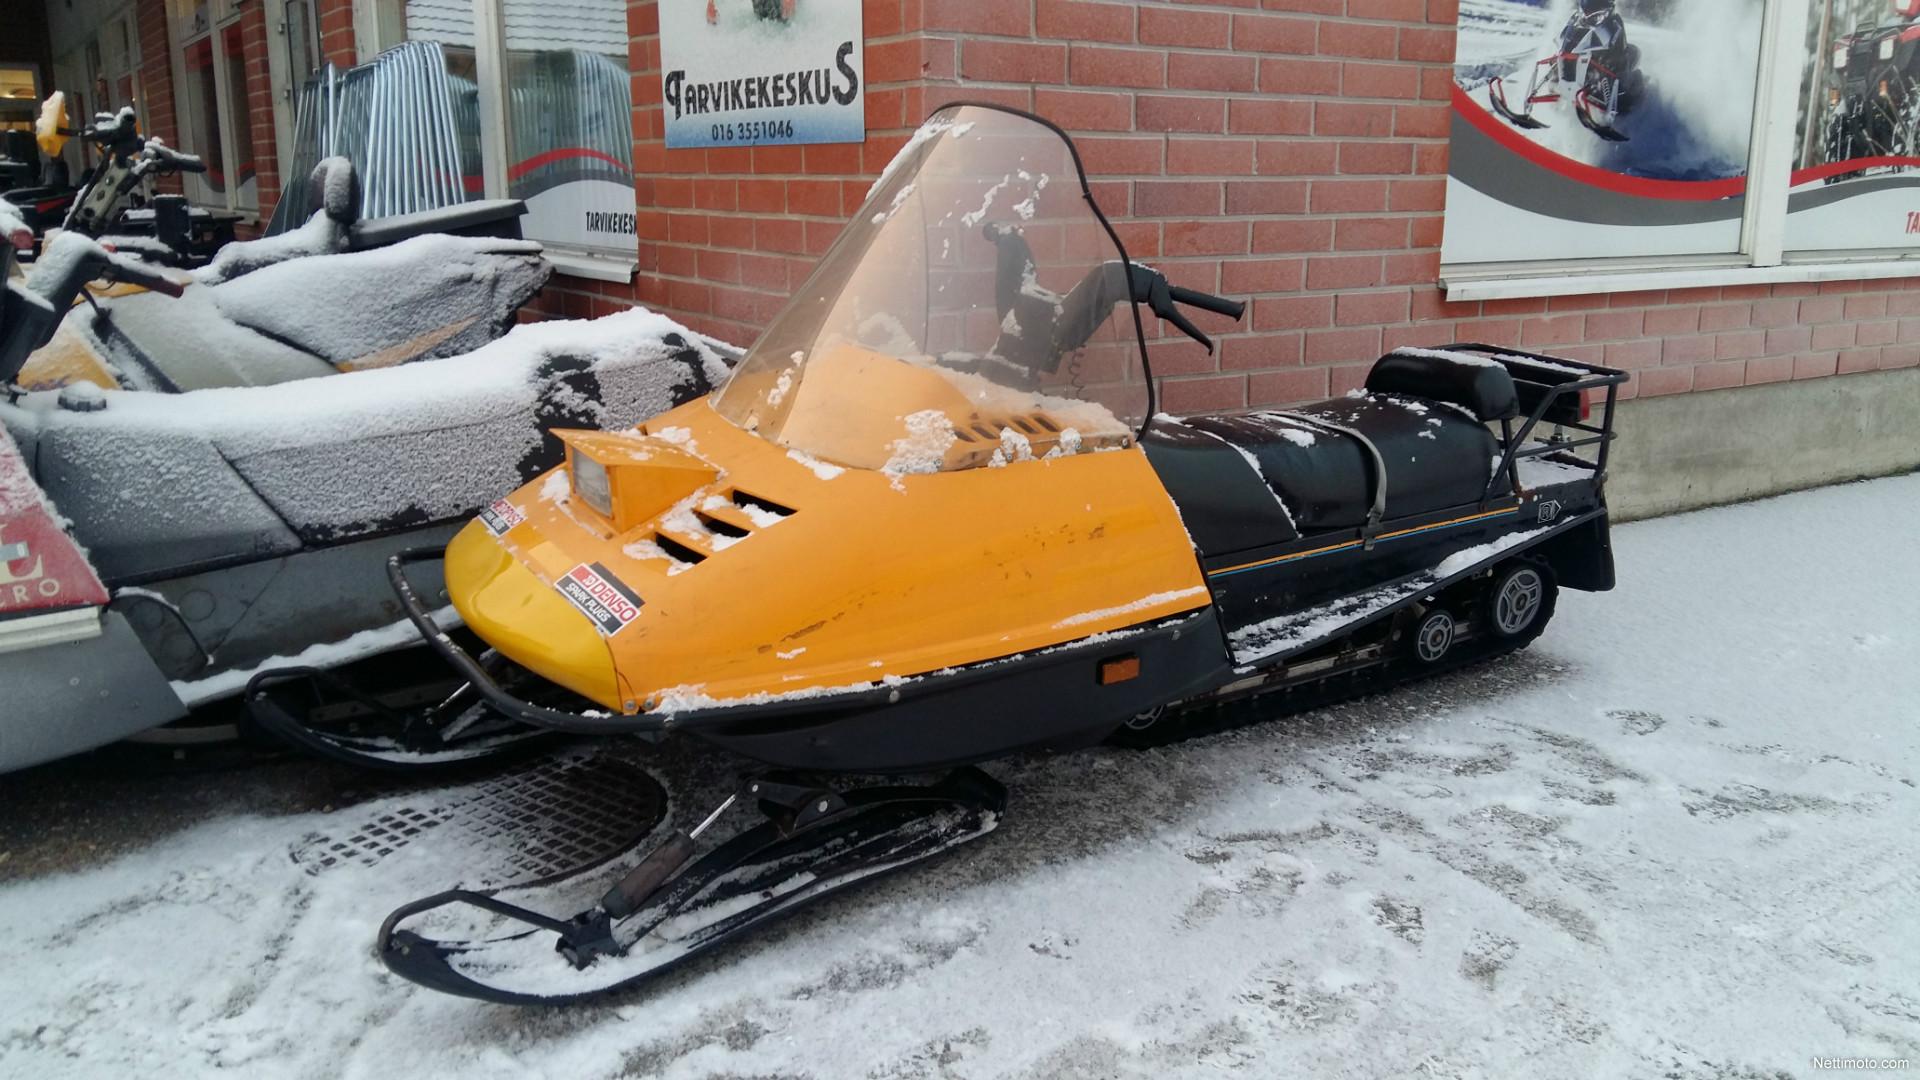 FUEL PUMP fit Ski-Doo 1988 Safari 503 503R 1991 1992 Scout 1983 Skandik 277 Sled